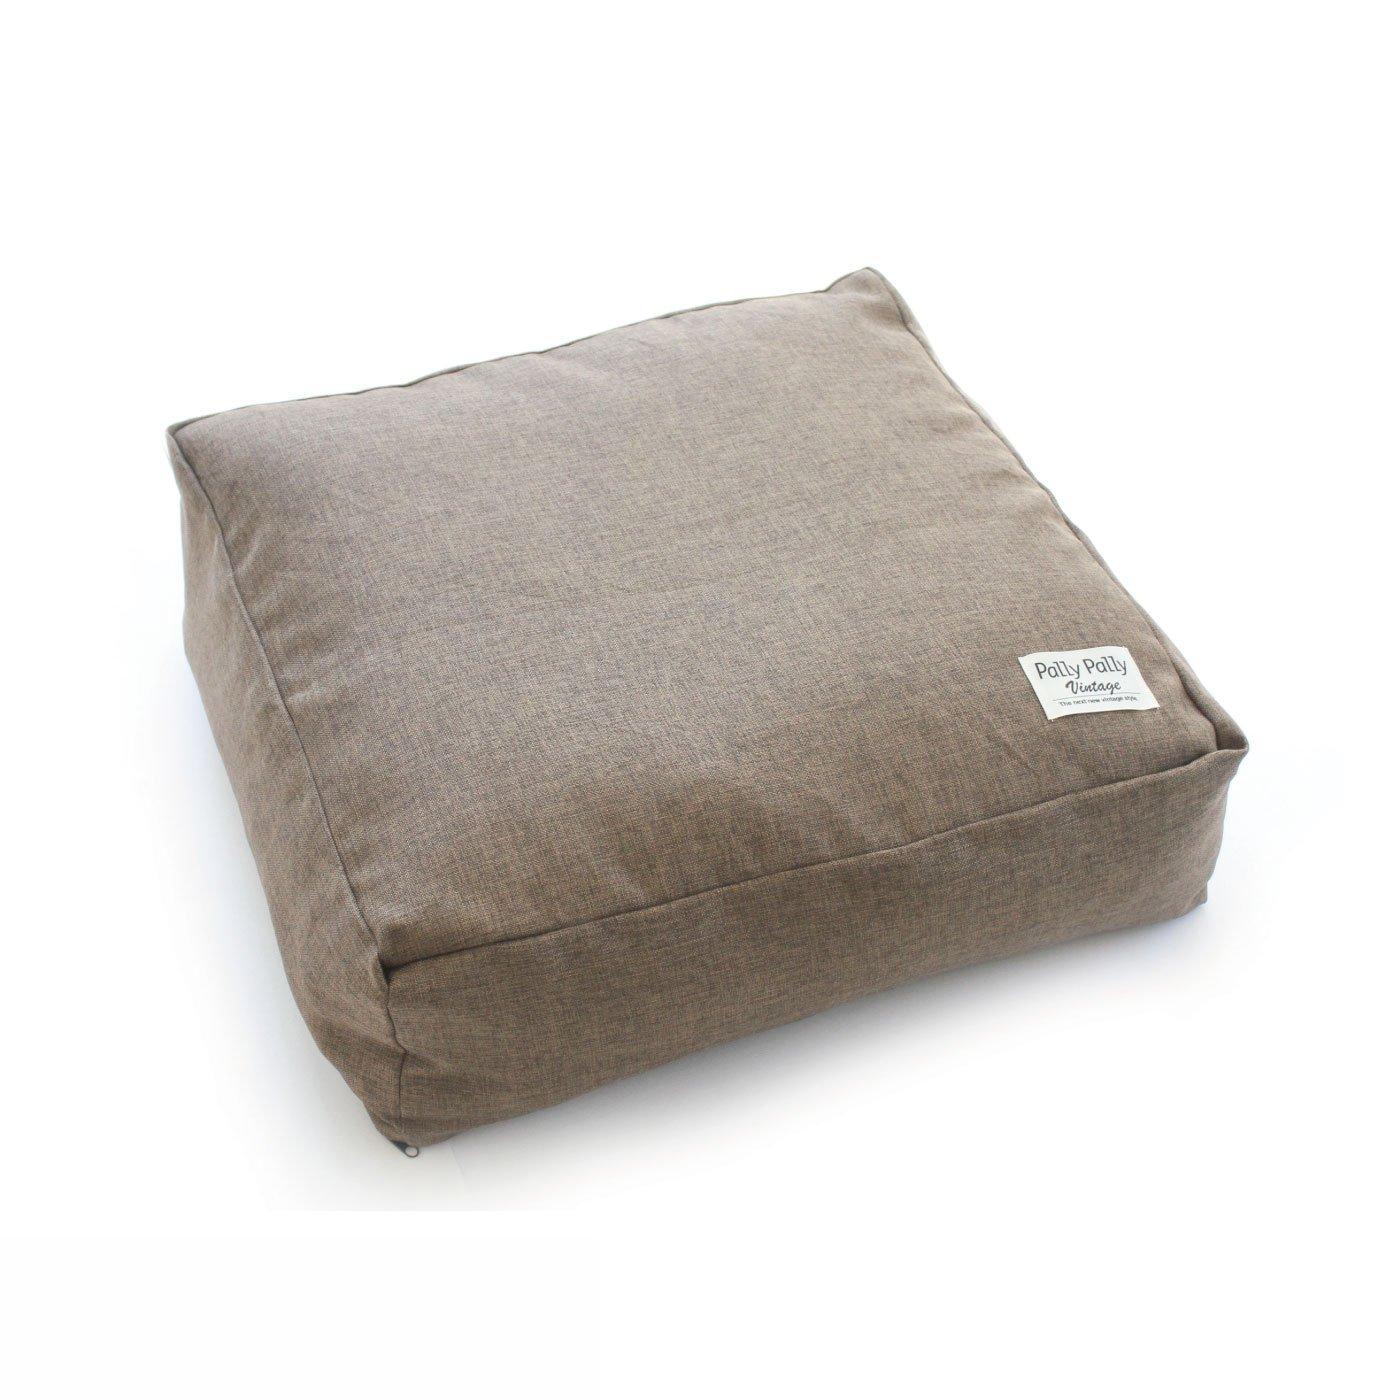 掛け布団がクッションに! ソファの生地の布団収納袋